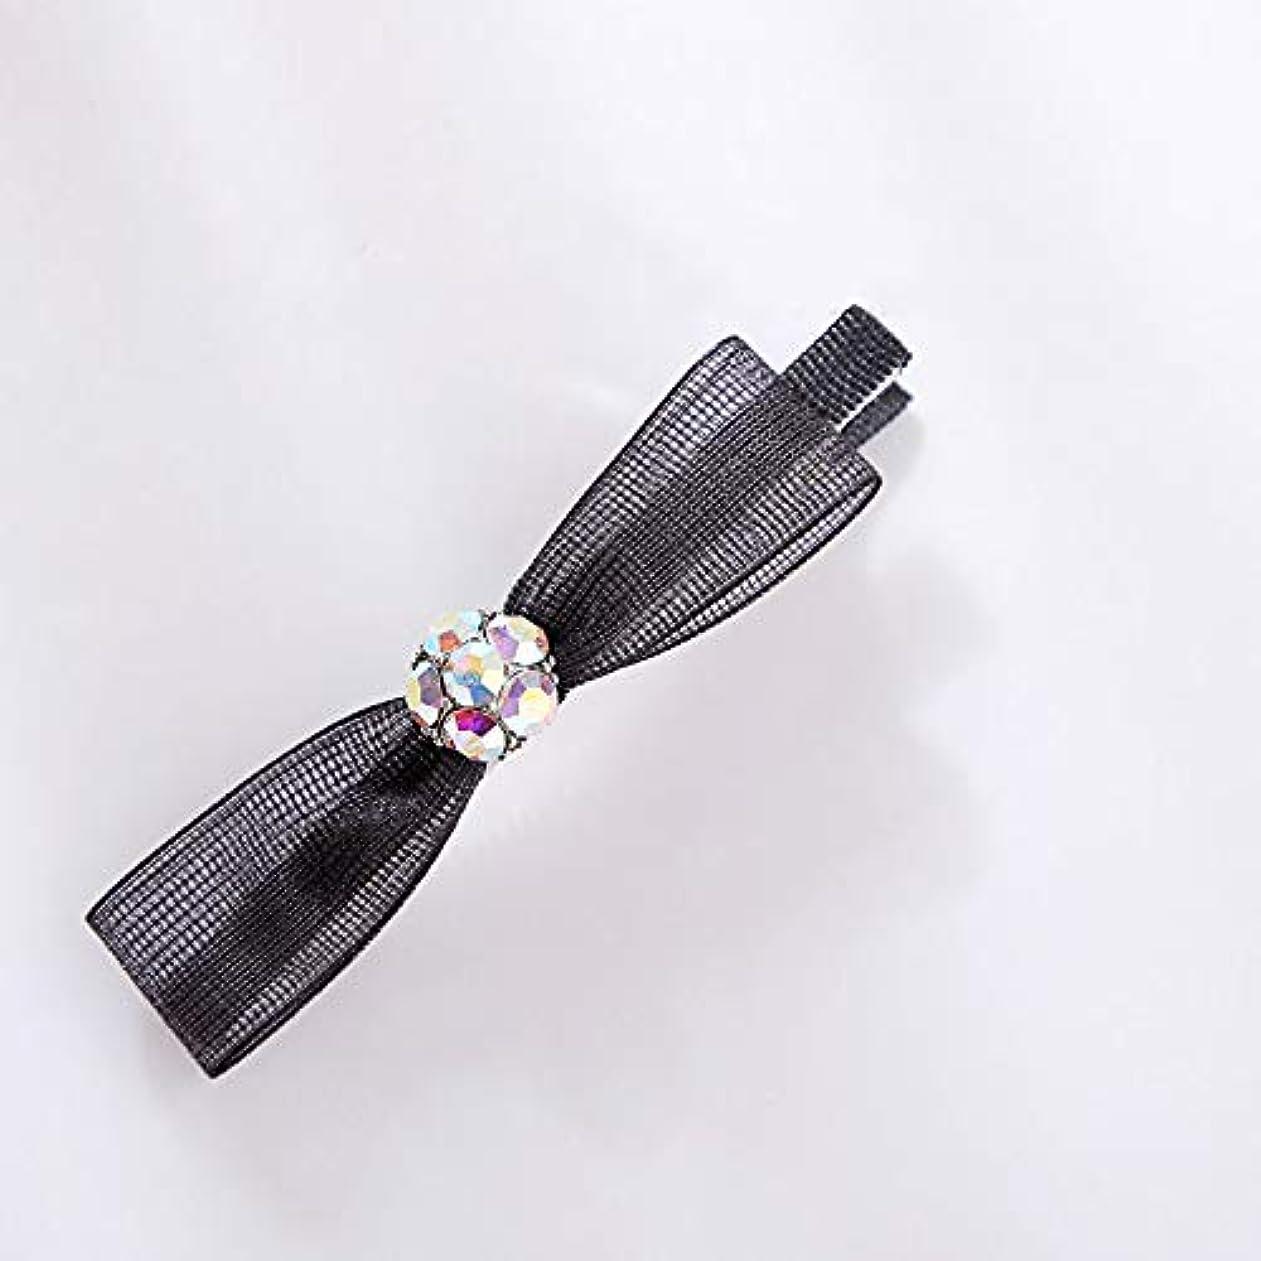 定義する落とし穴そしてHuaQingPiJu-JP ファッションロゼットヘアピン便利なヘアクリップ女性の結婚式のアクセサリー(ブラック)